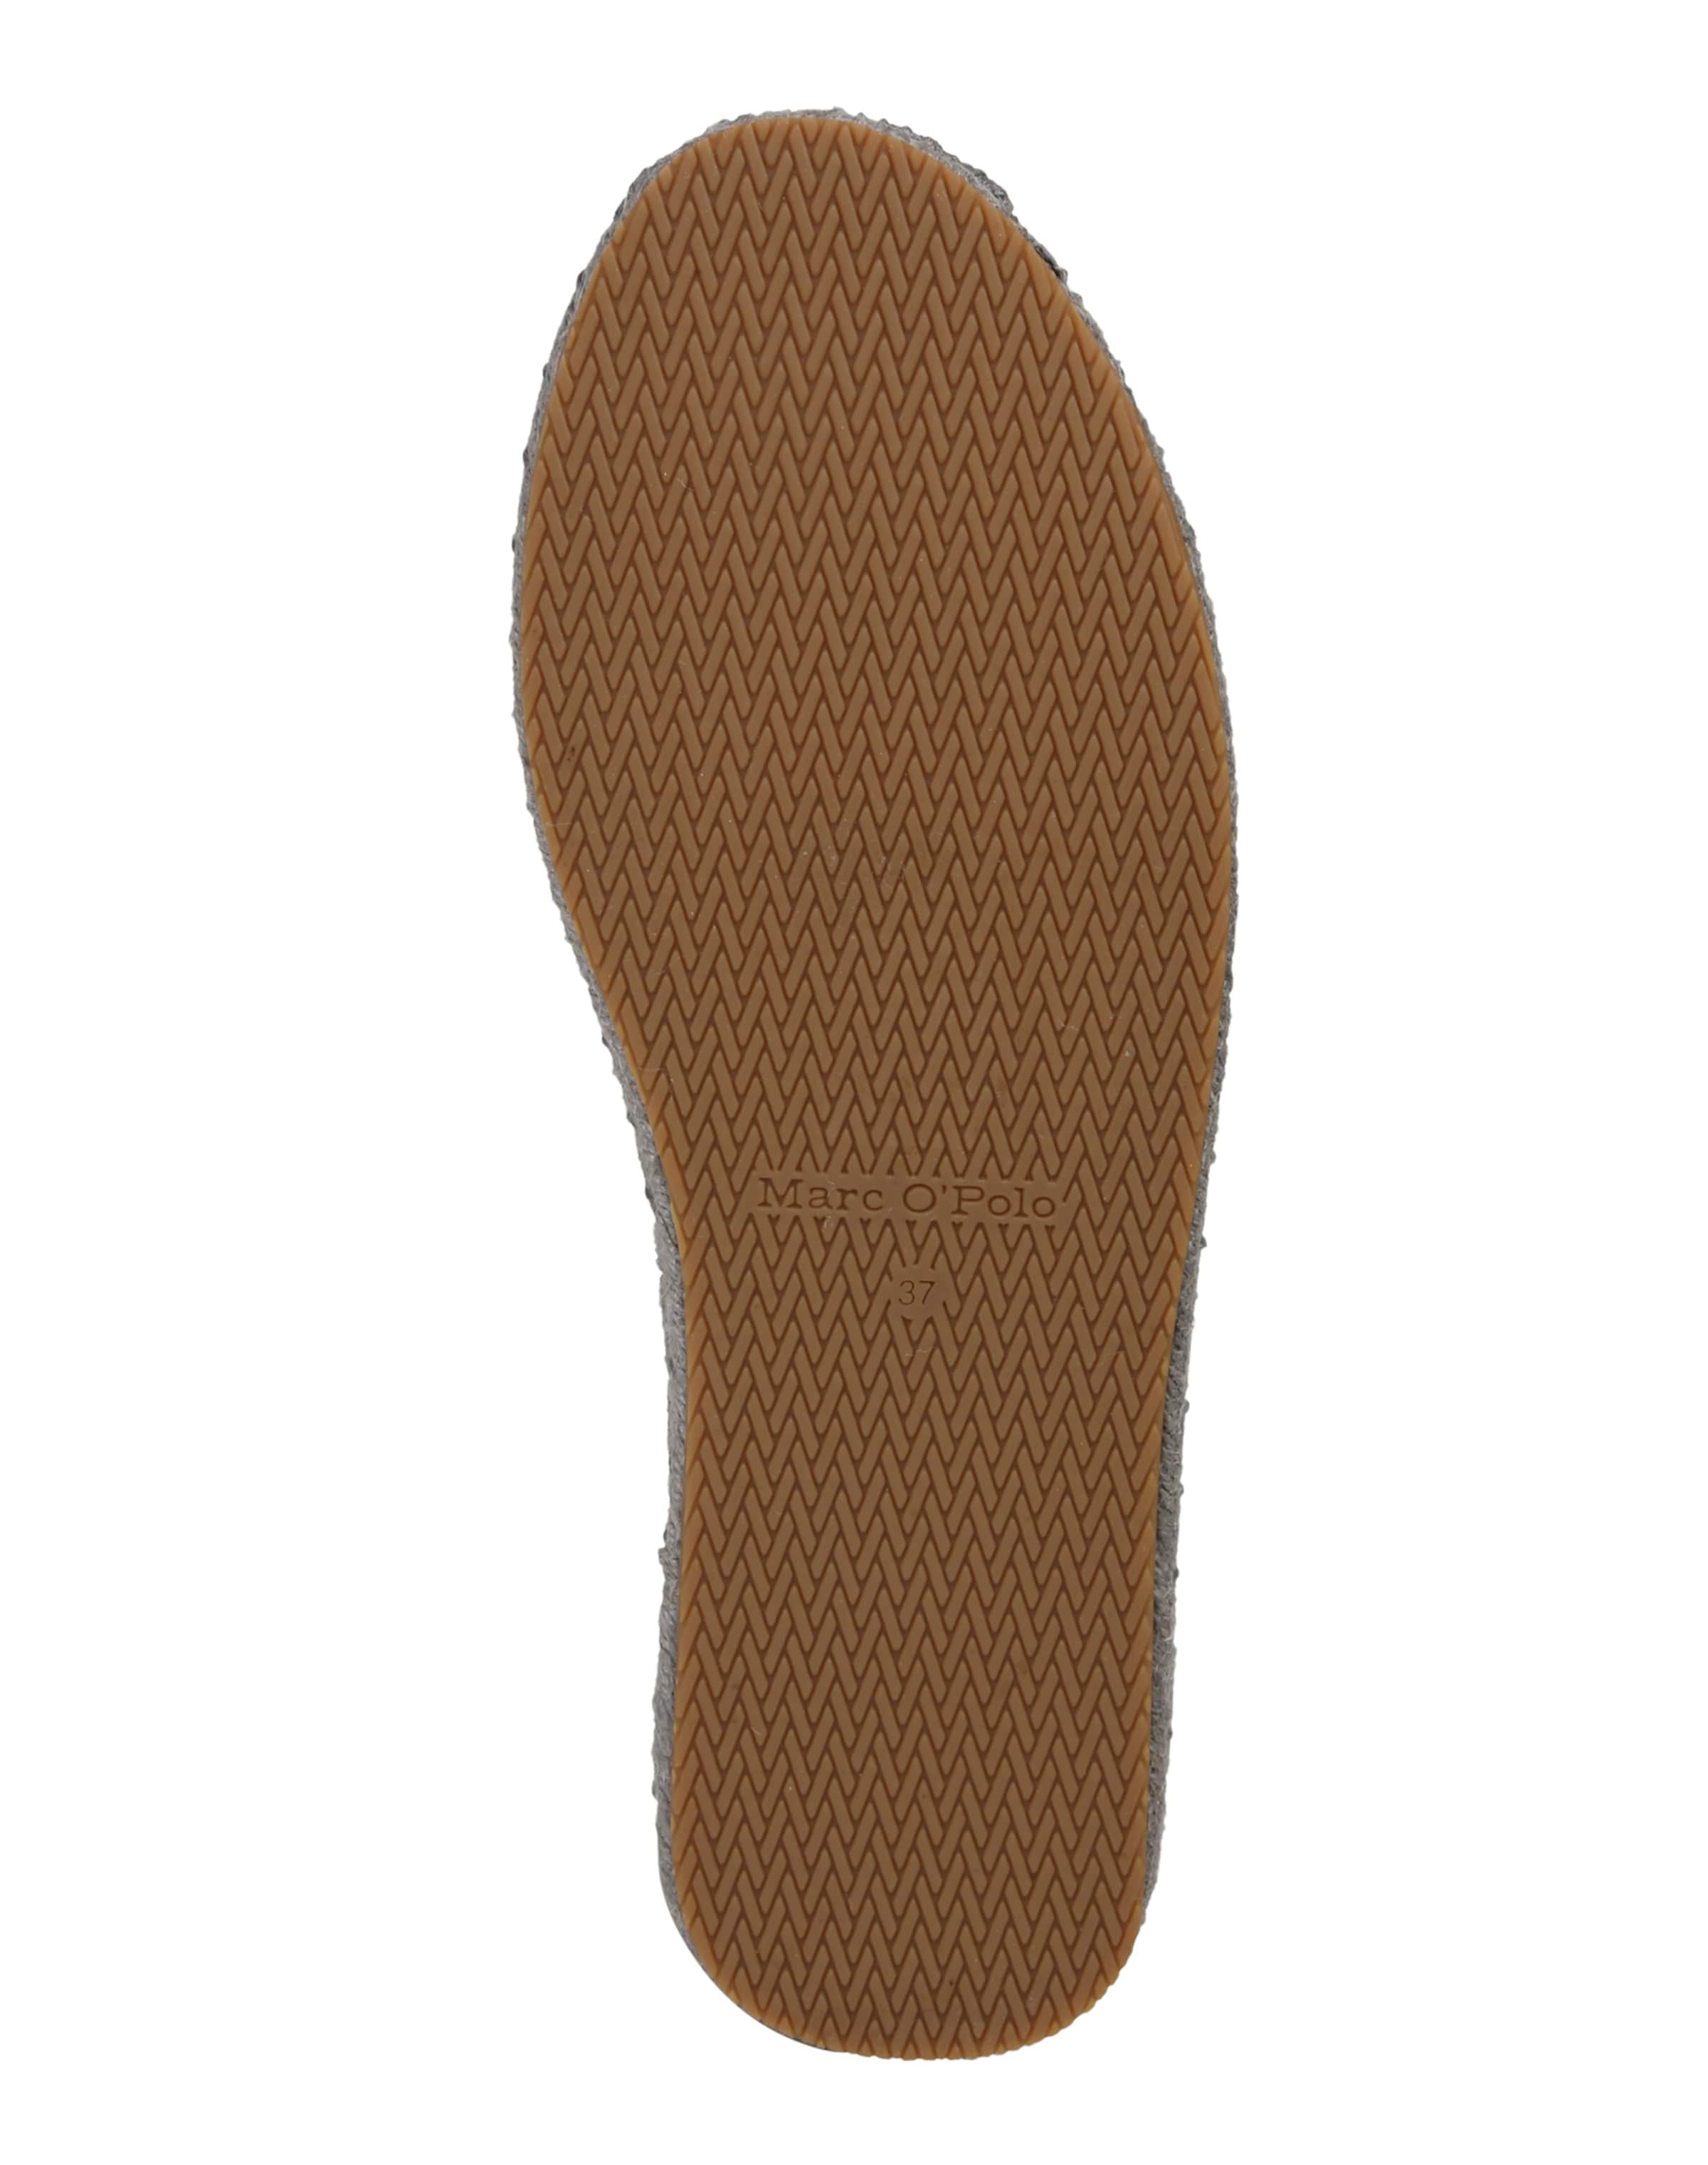 Marc O'Polo Pantolette 'Home Slipper' Spielraum Original Günstig Kaufen Besten Großhandel Rabatt Billigsten Auslass Nicekicks Spielraum Online Offizielle Seite i8MEN